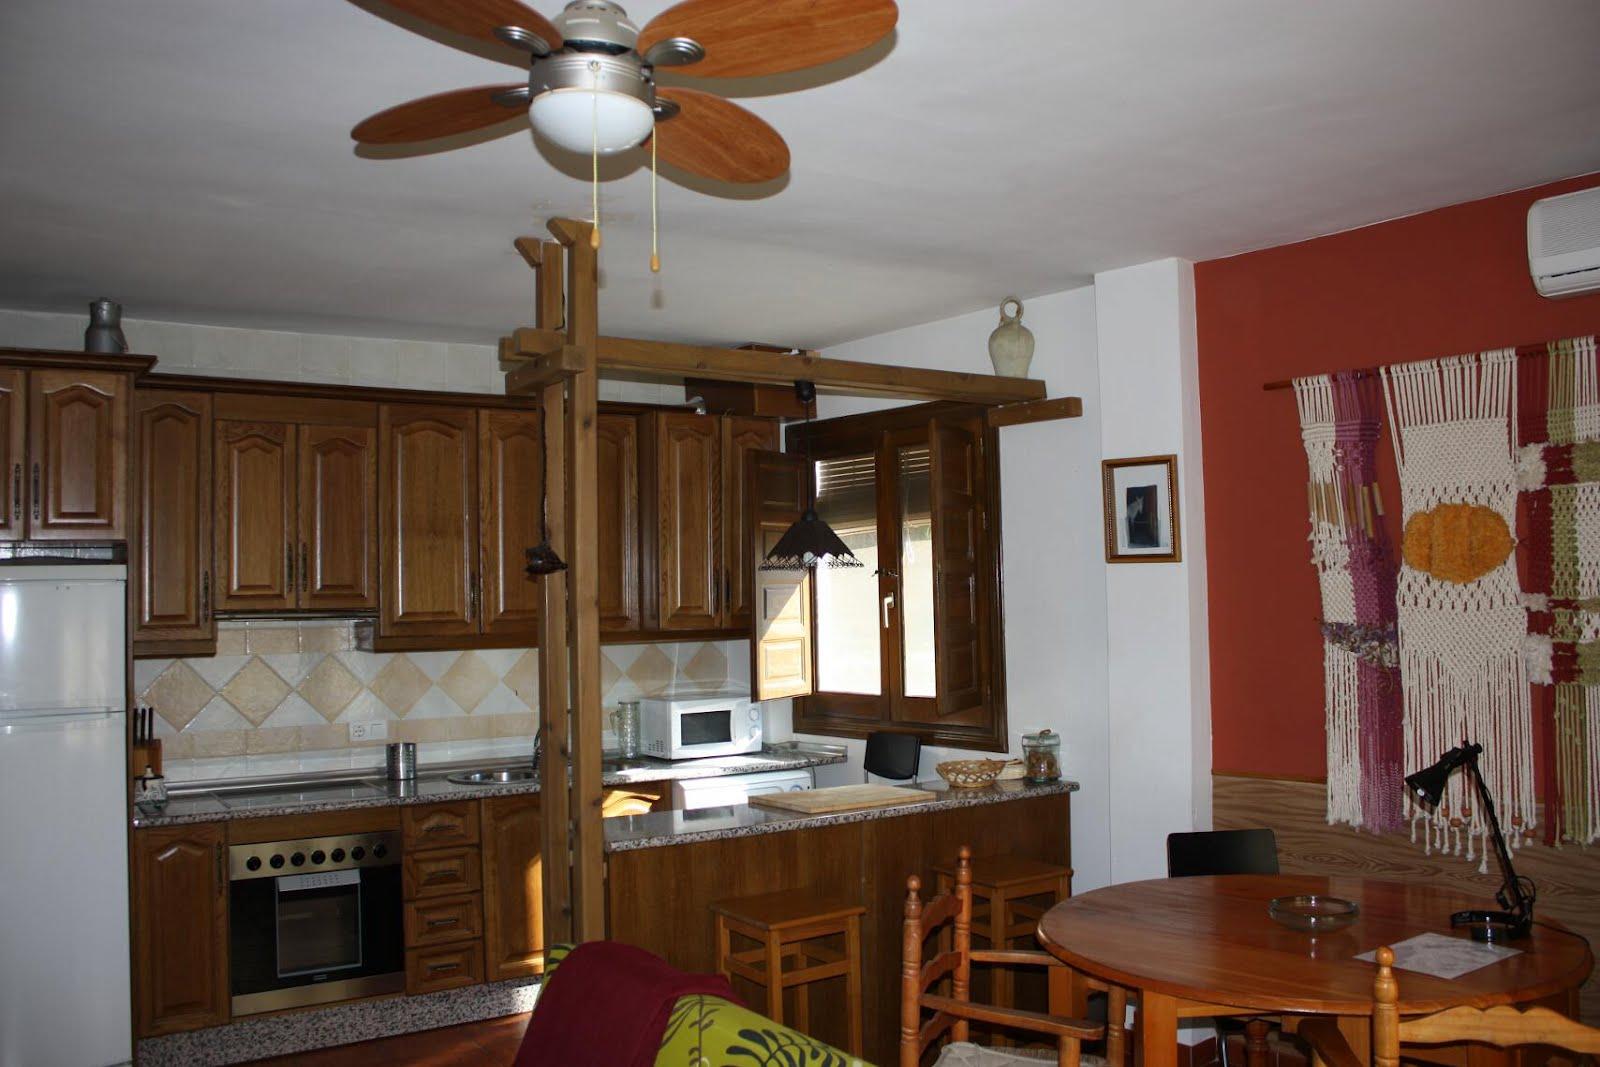 Descripci n de la casa alojamiento rural en ohanes - Ladrillo visto rustico ...